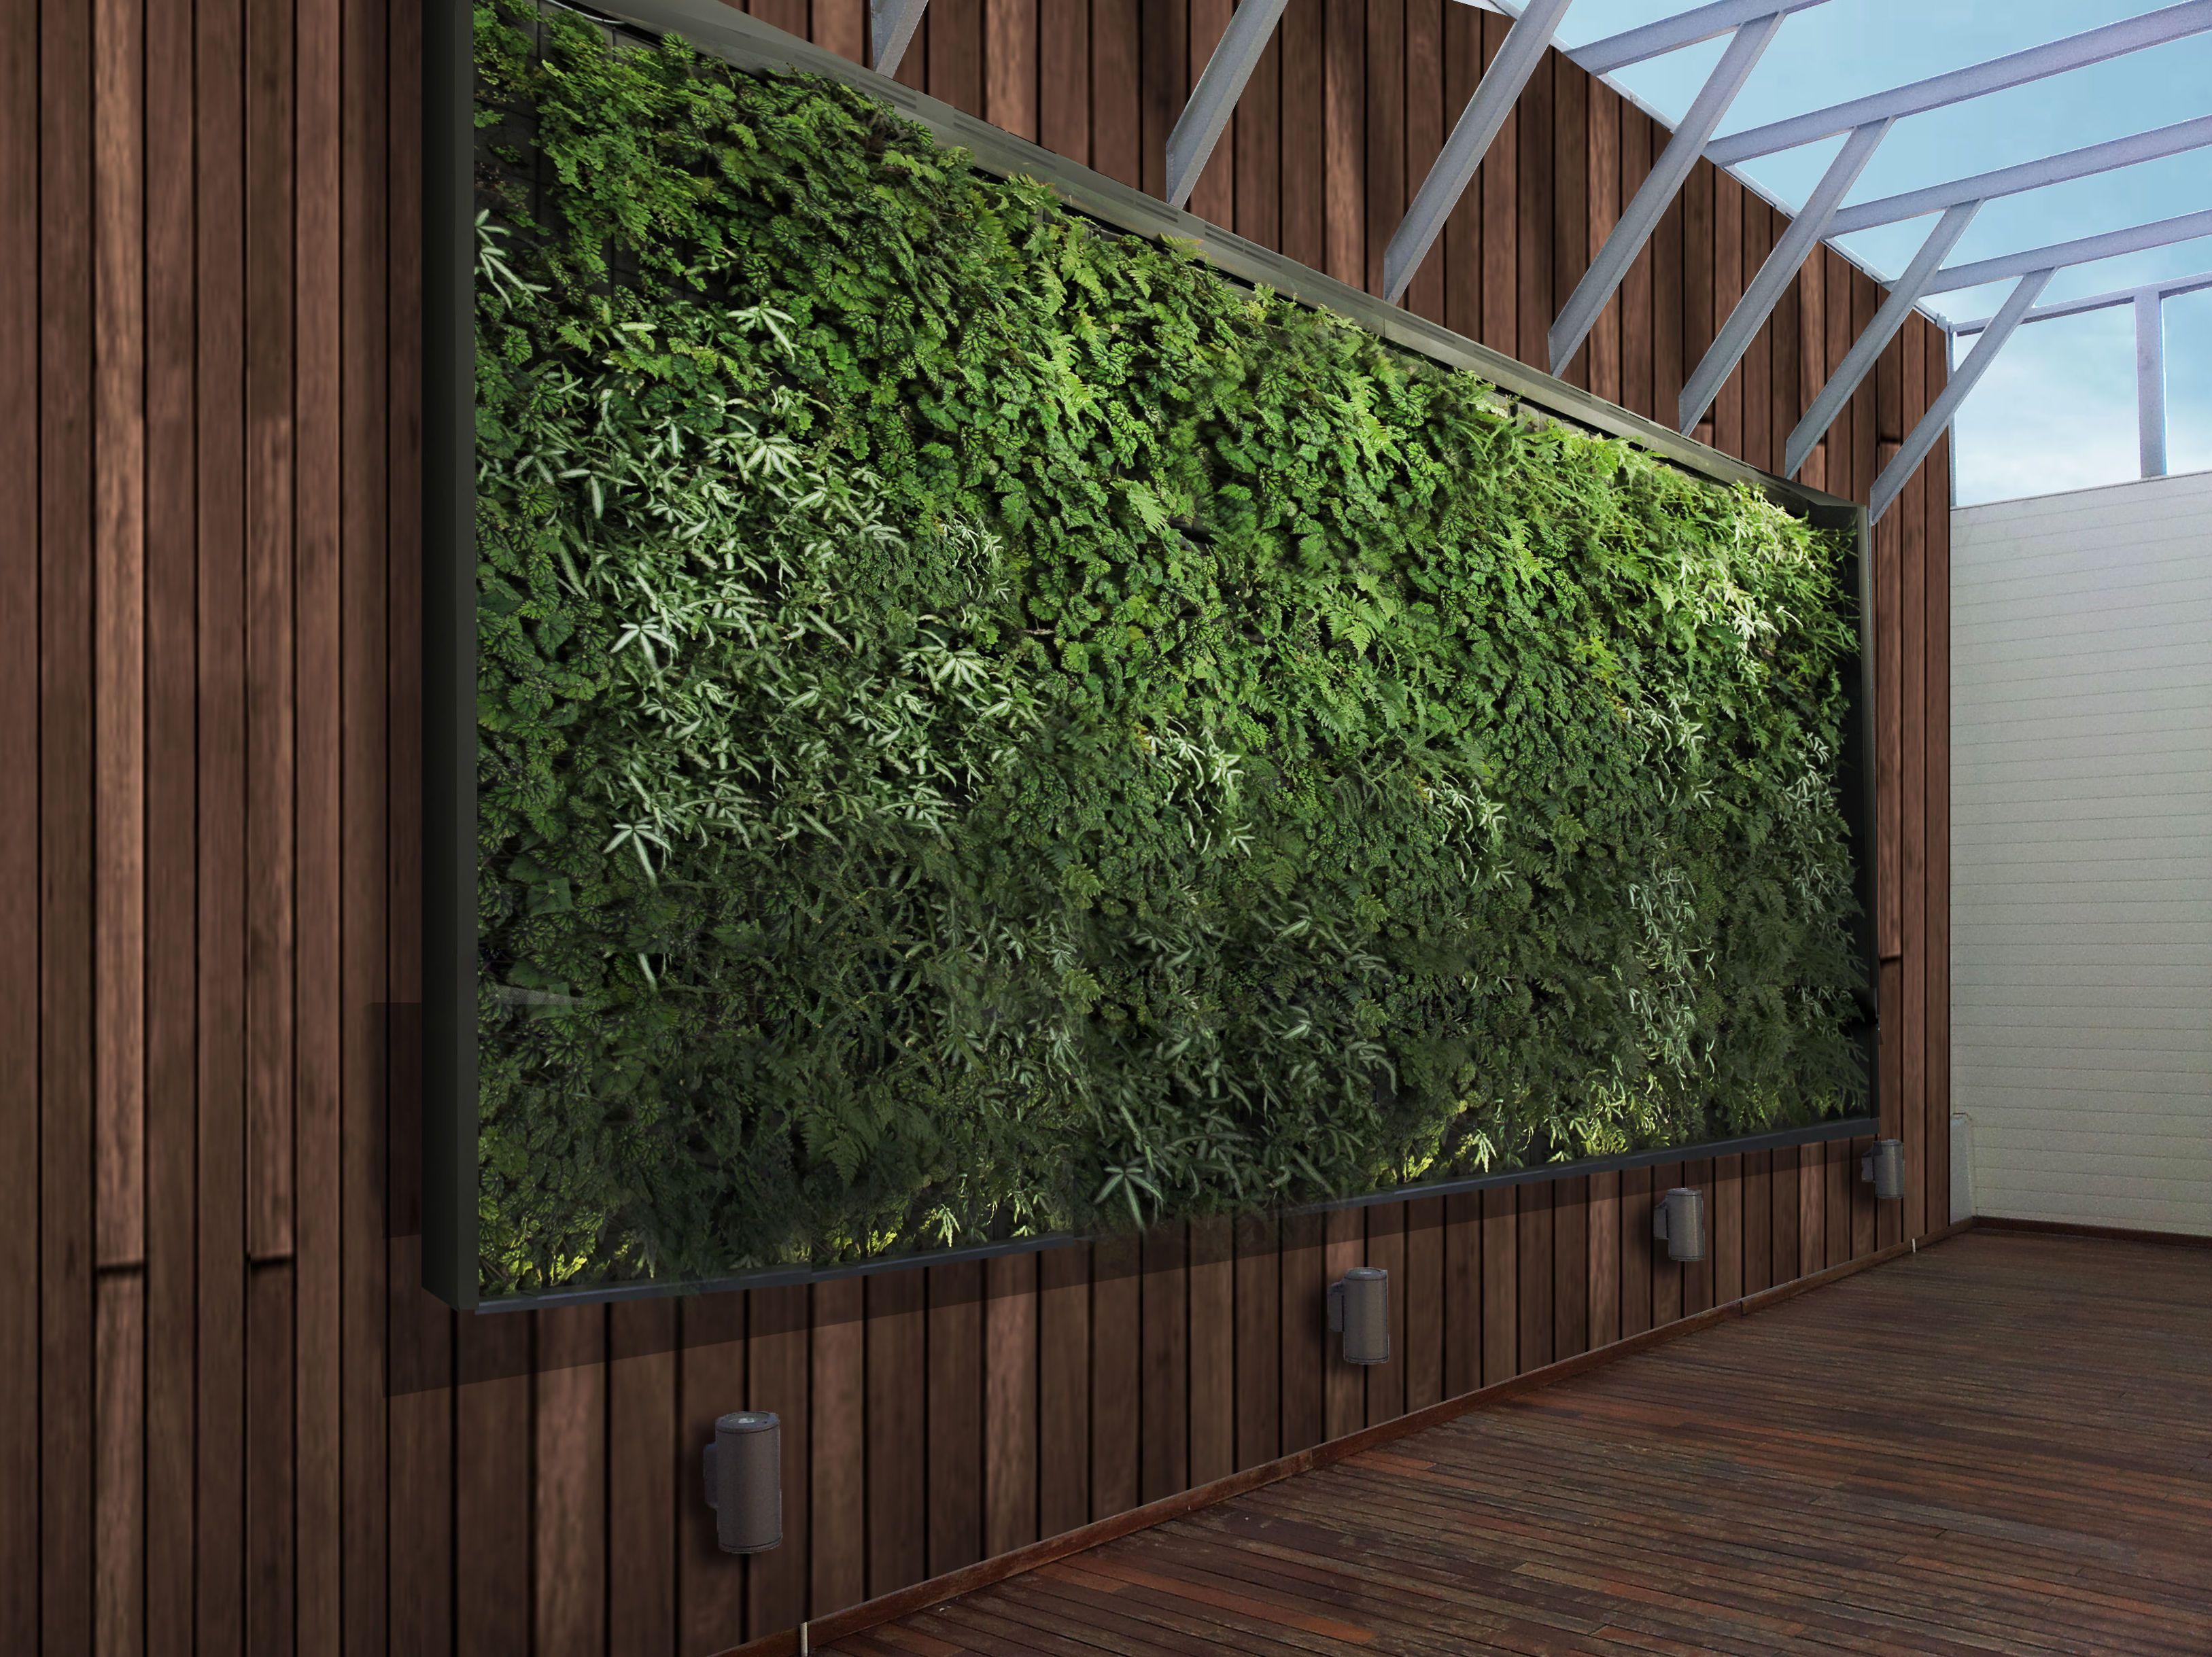 Jardines verticales en barcelon s aquaplant disseny verd Jardines verticales baratos